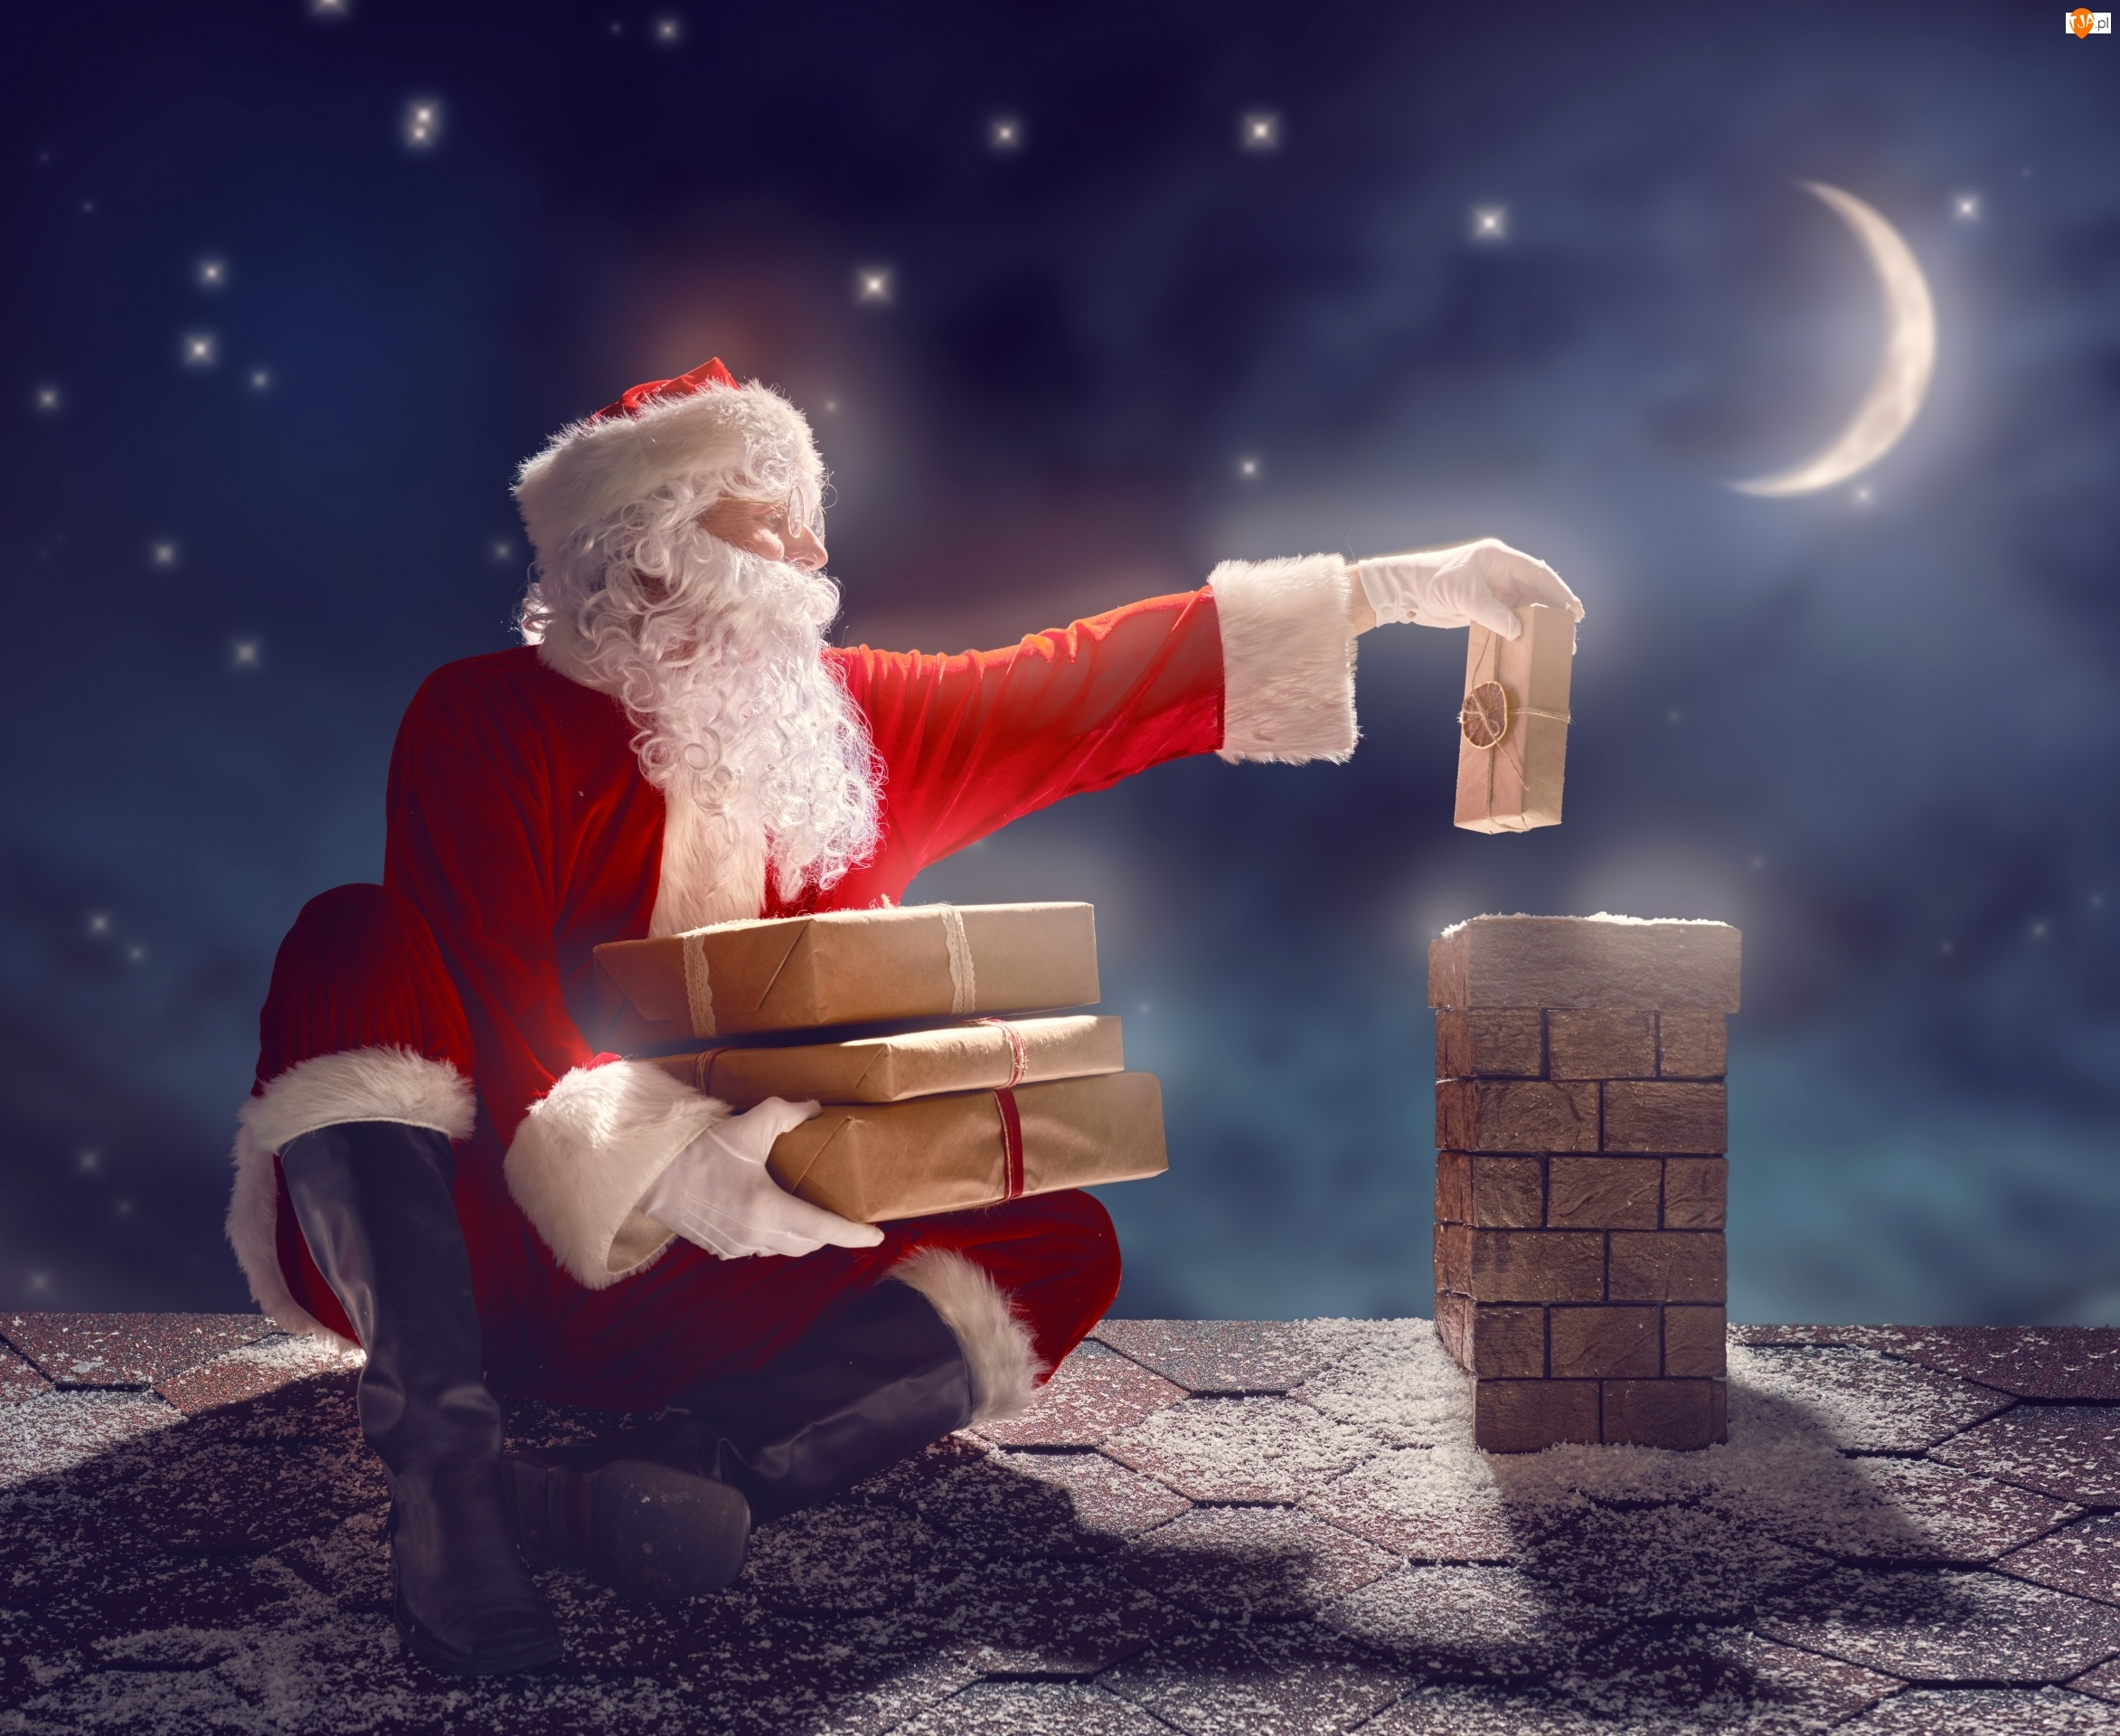 Świąteczne, Święty Mikołaj, Komin, Dach, Prezenty